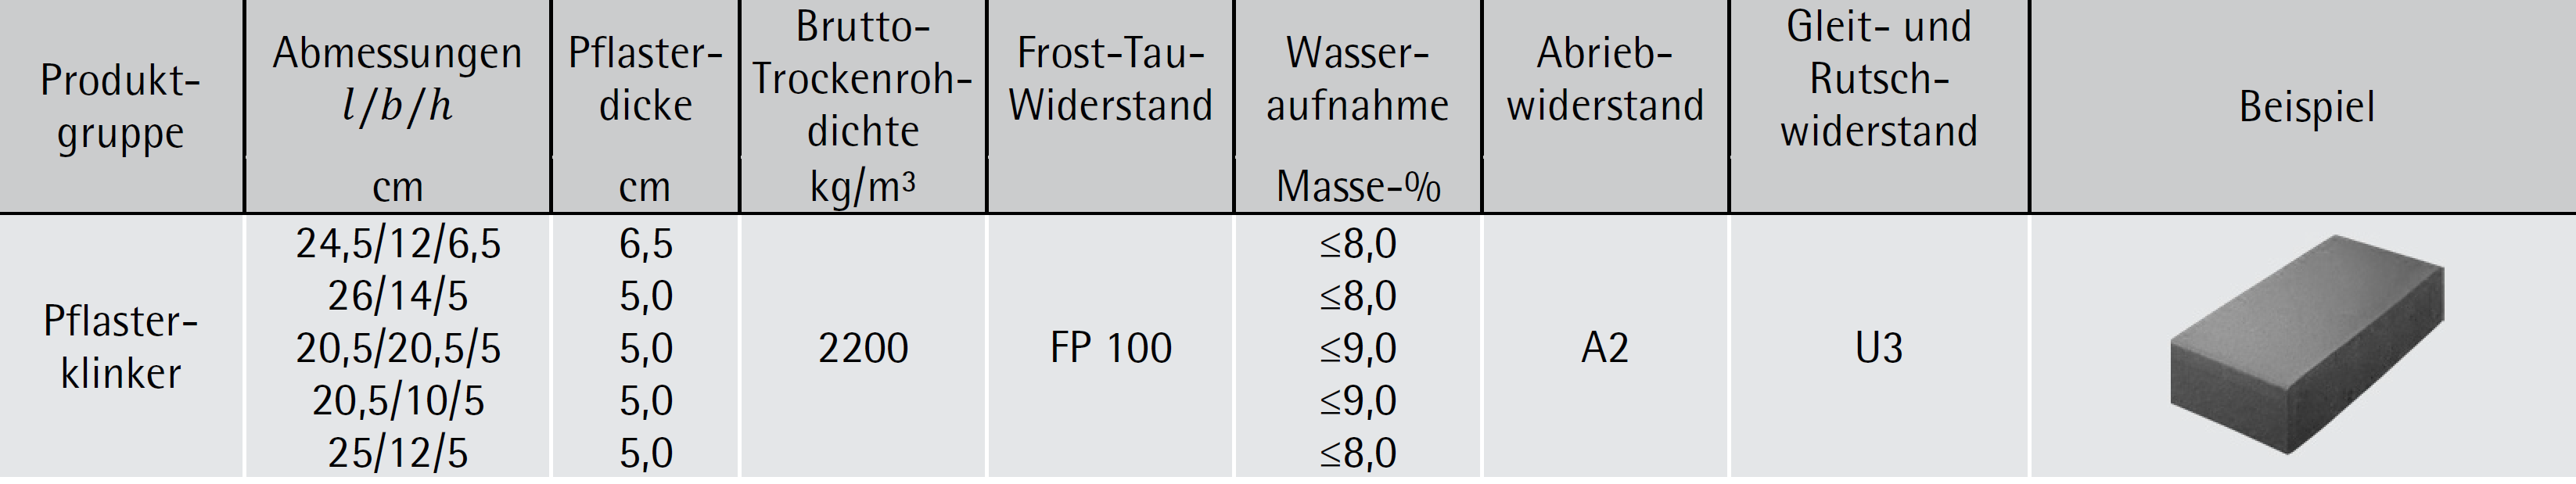 Produktbeispiele Pflasterklinker Anmerkung: Diese Beispiele sind Pflasterklinker aus der Produktion der österreichischen Ziegelindustrie.